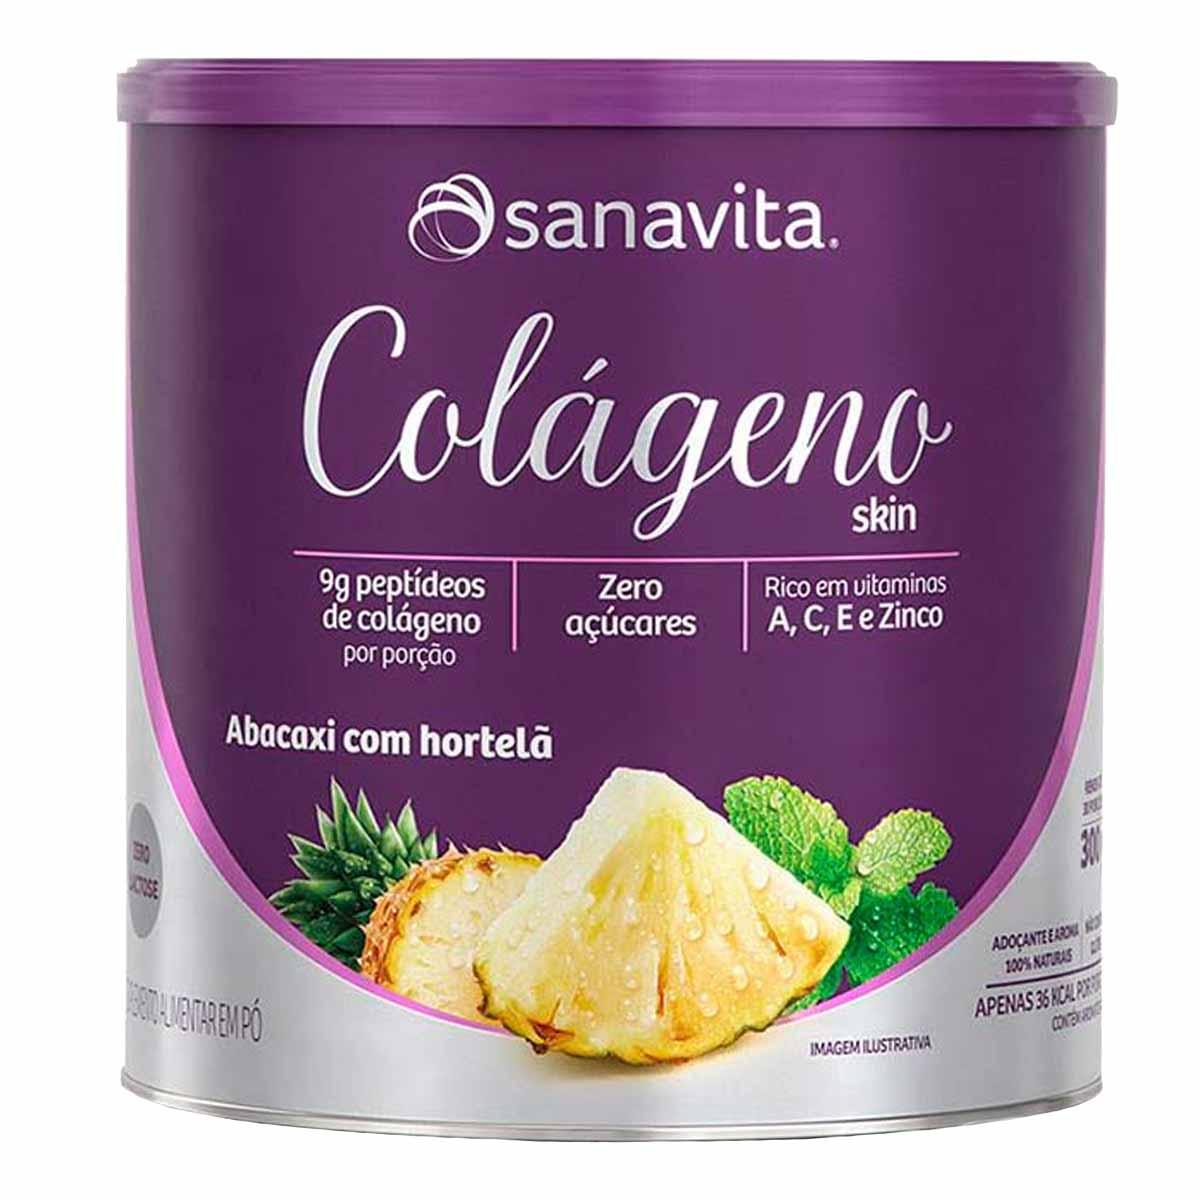 Colágeno Skin Abacaxi com hortelã lata 300g